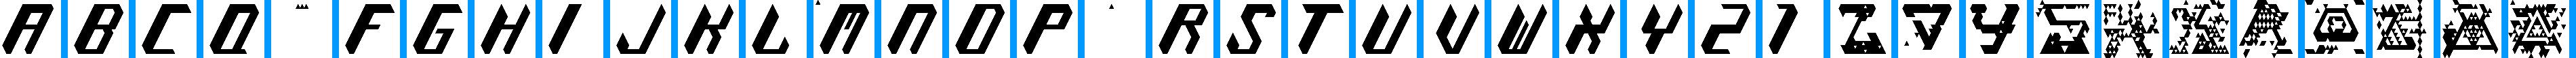 Particip-a-type v.250